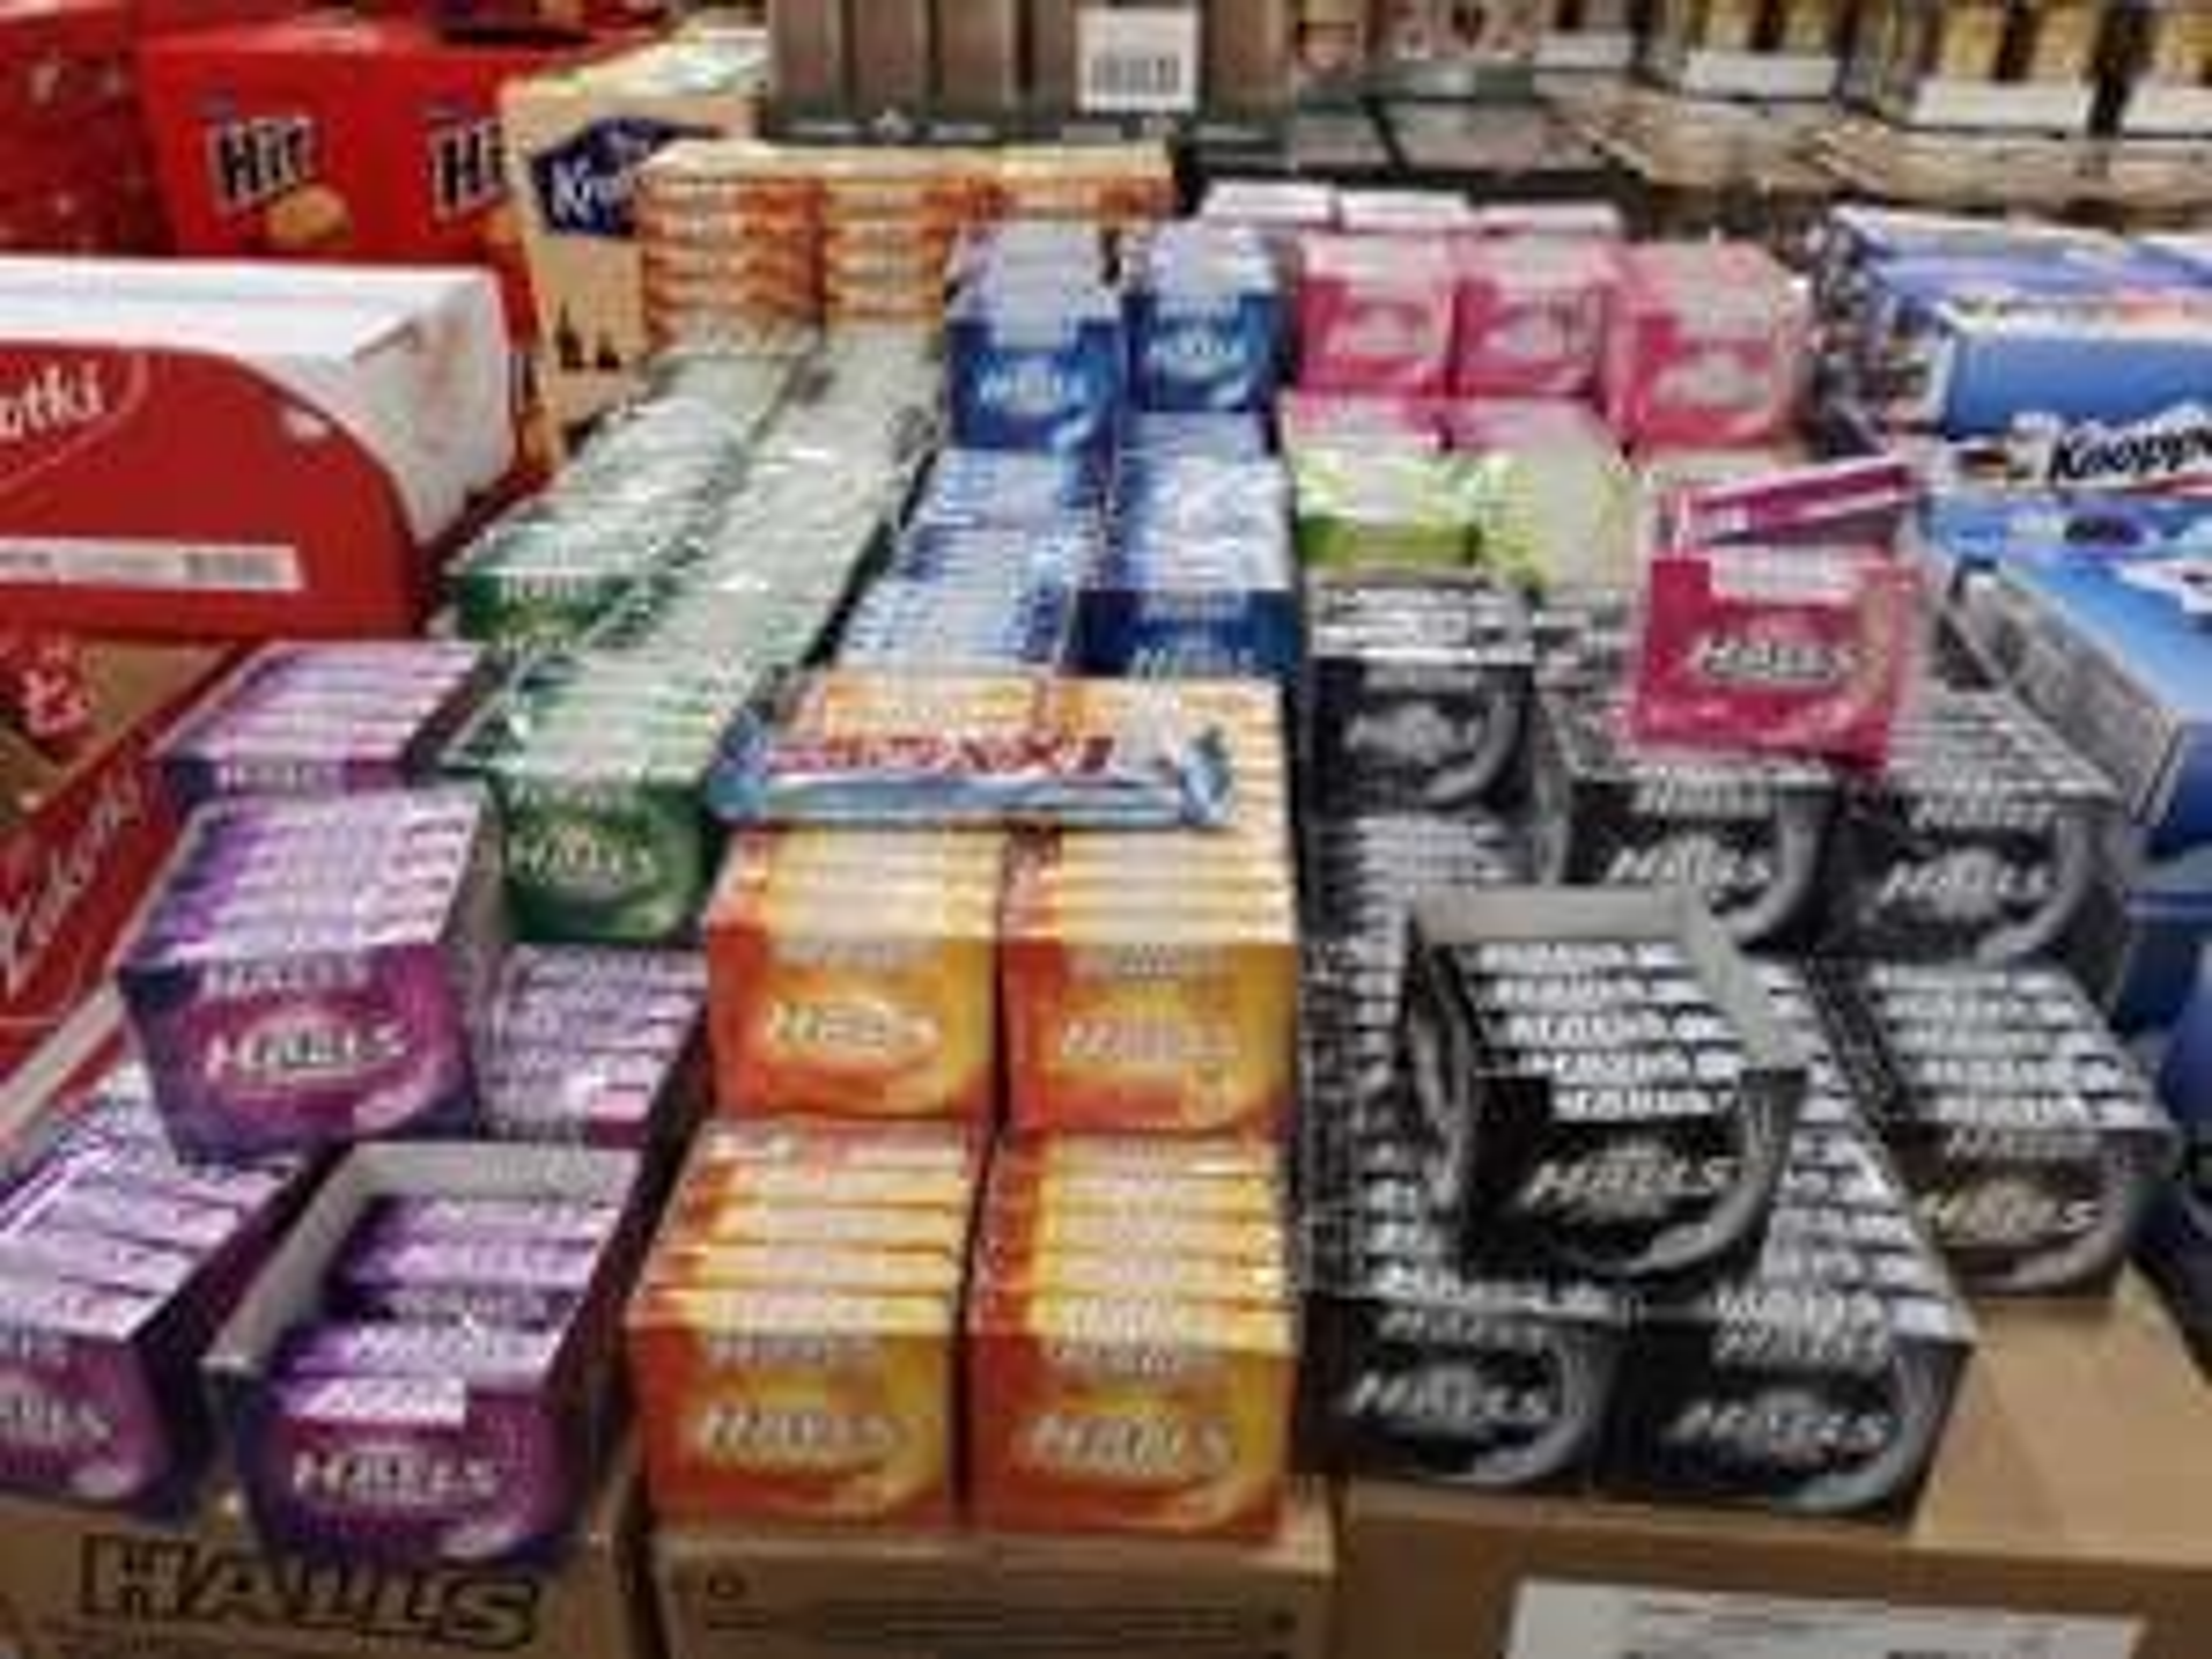 Cukierki Halls - wszystkie smaki